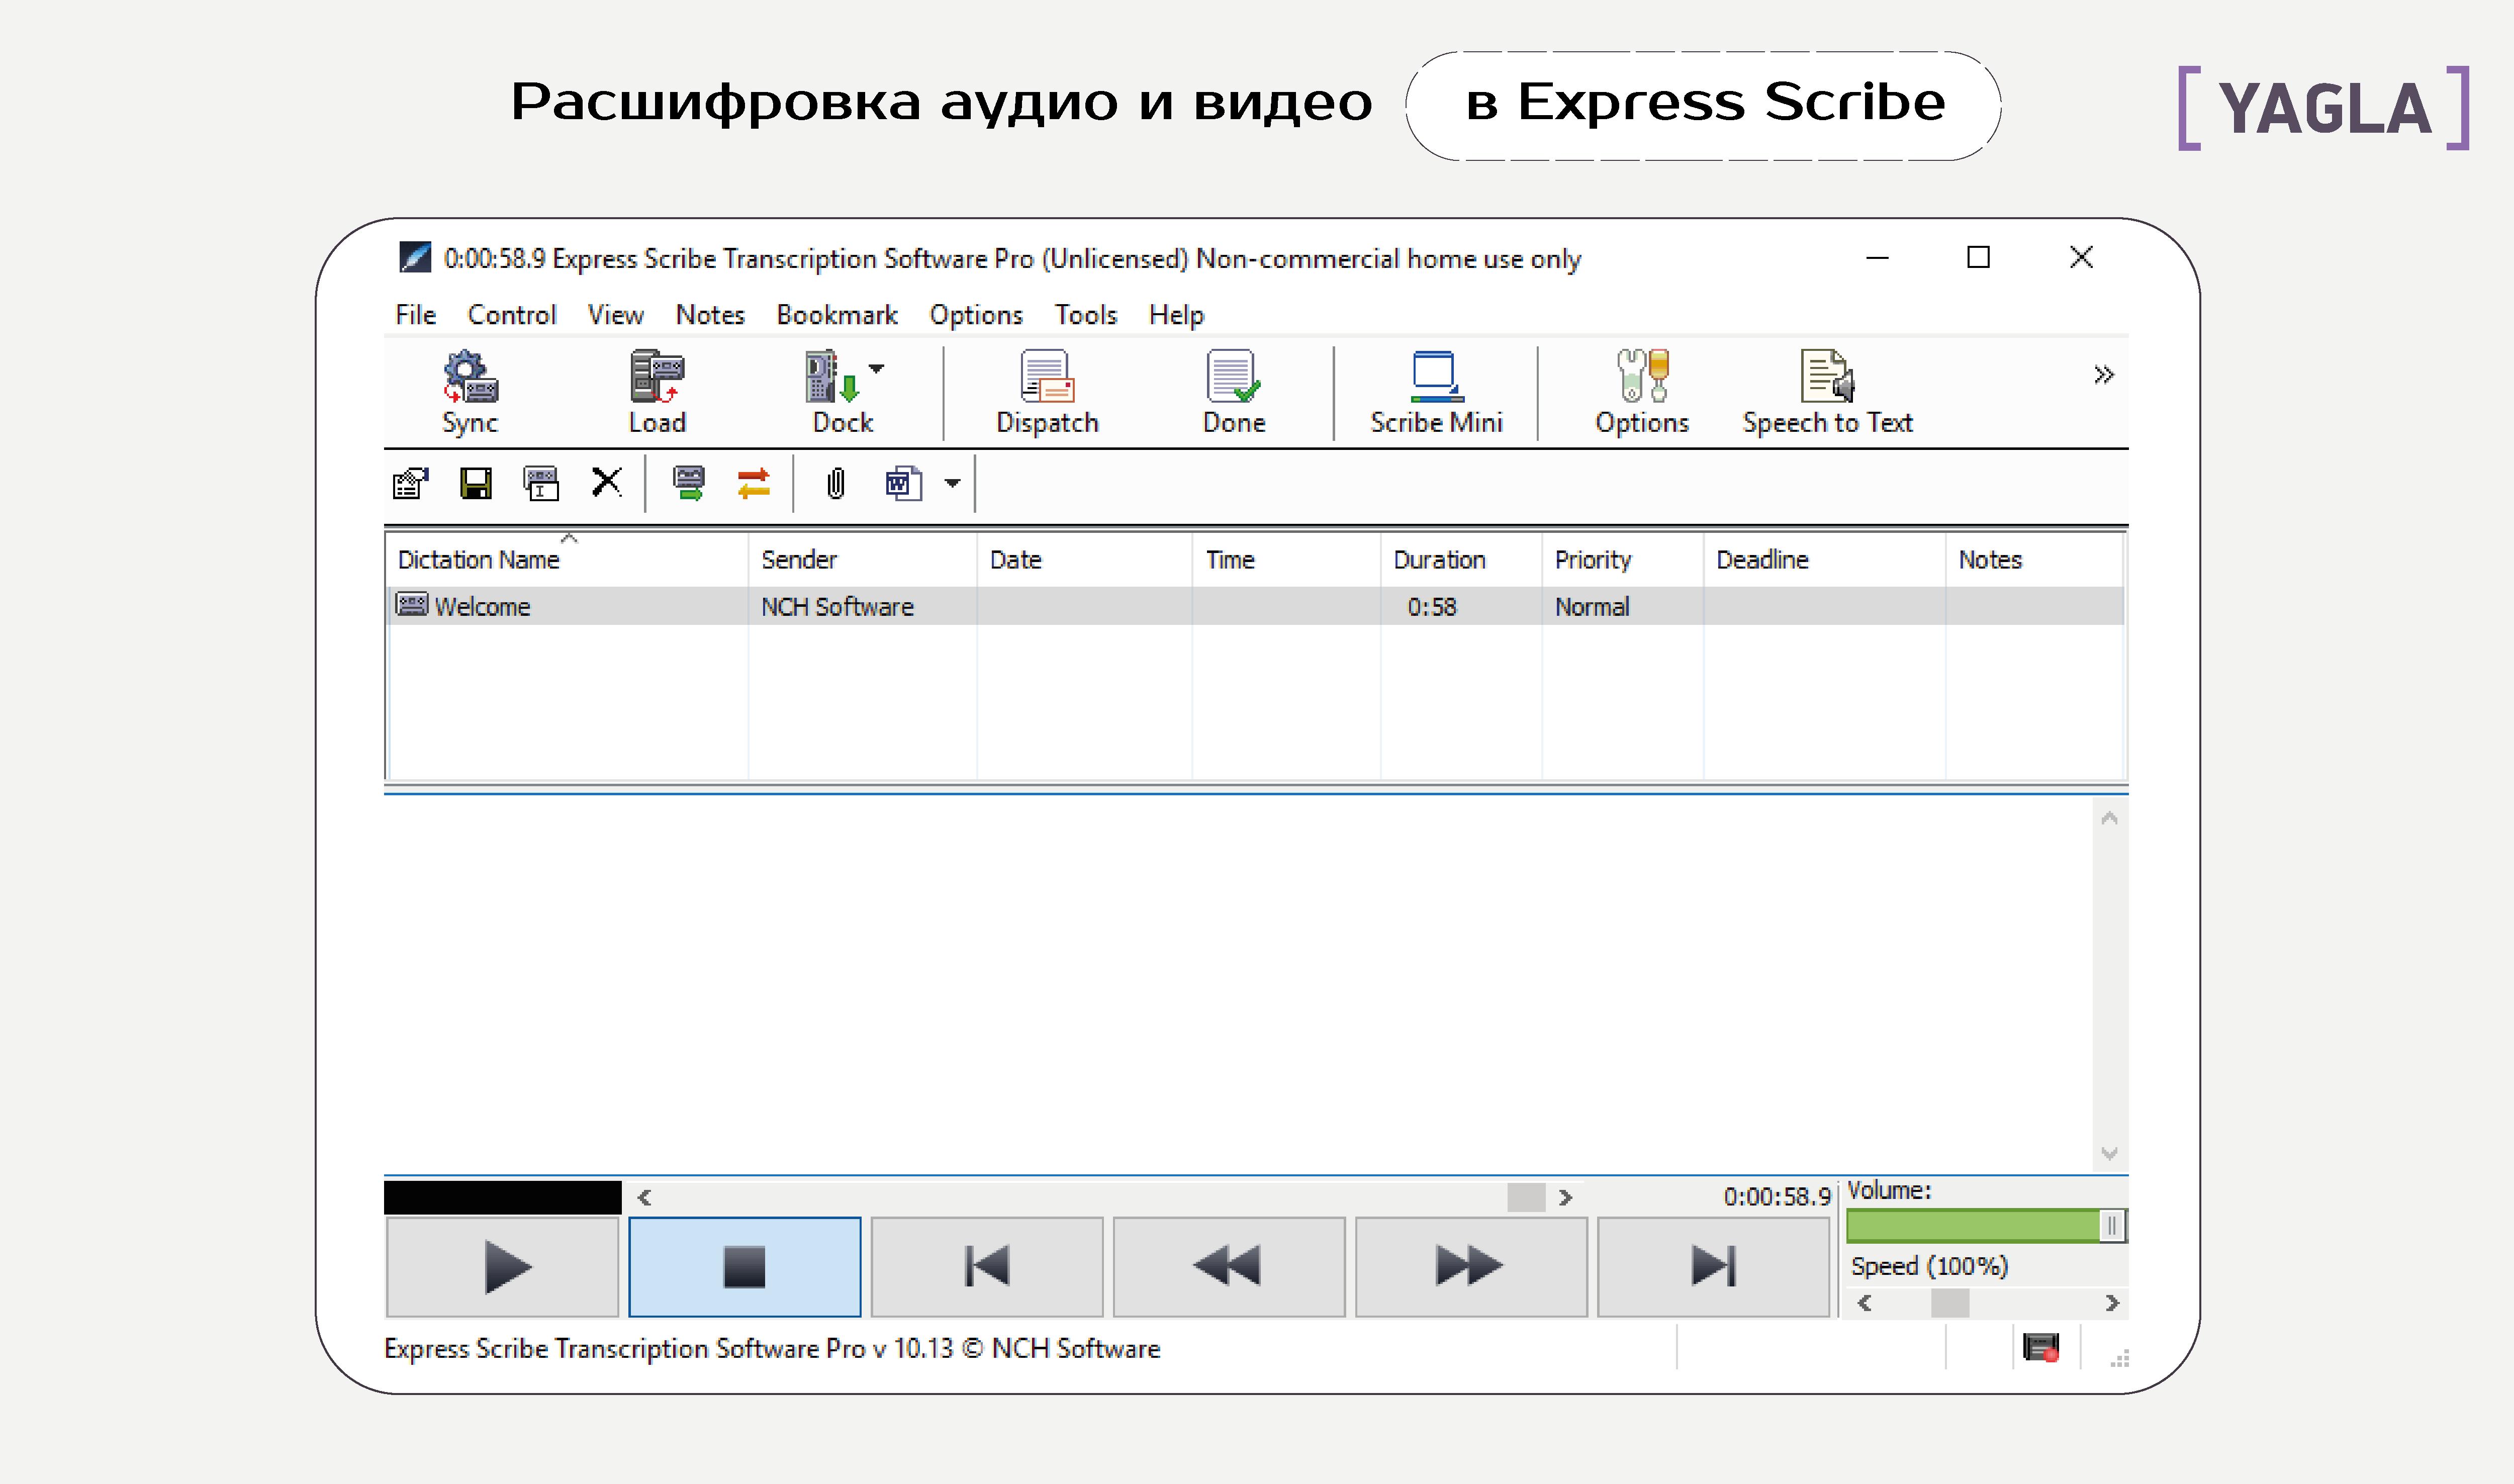 Транскрибирование фото и видео в Express Scribe Transcription